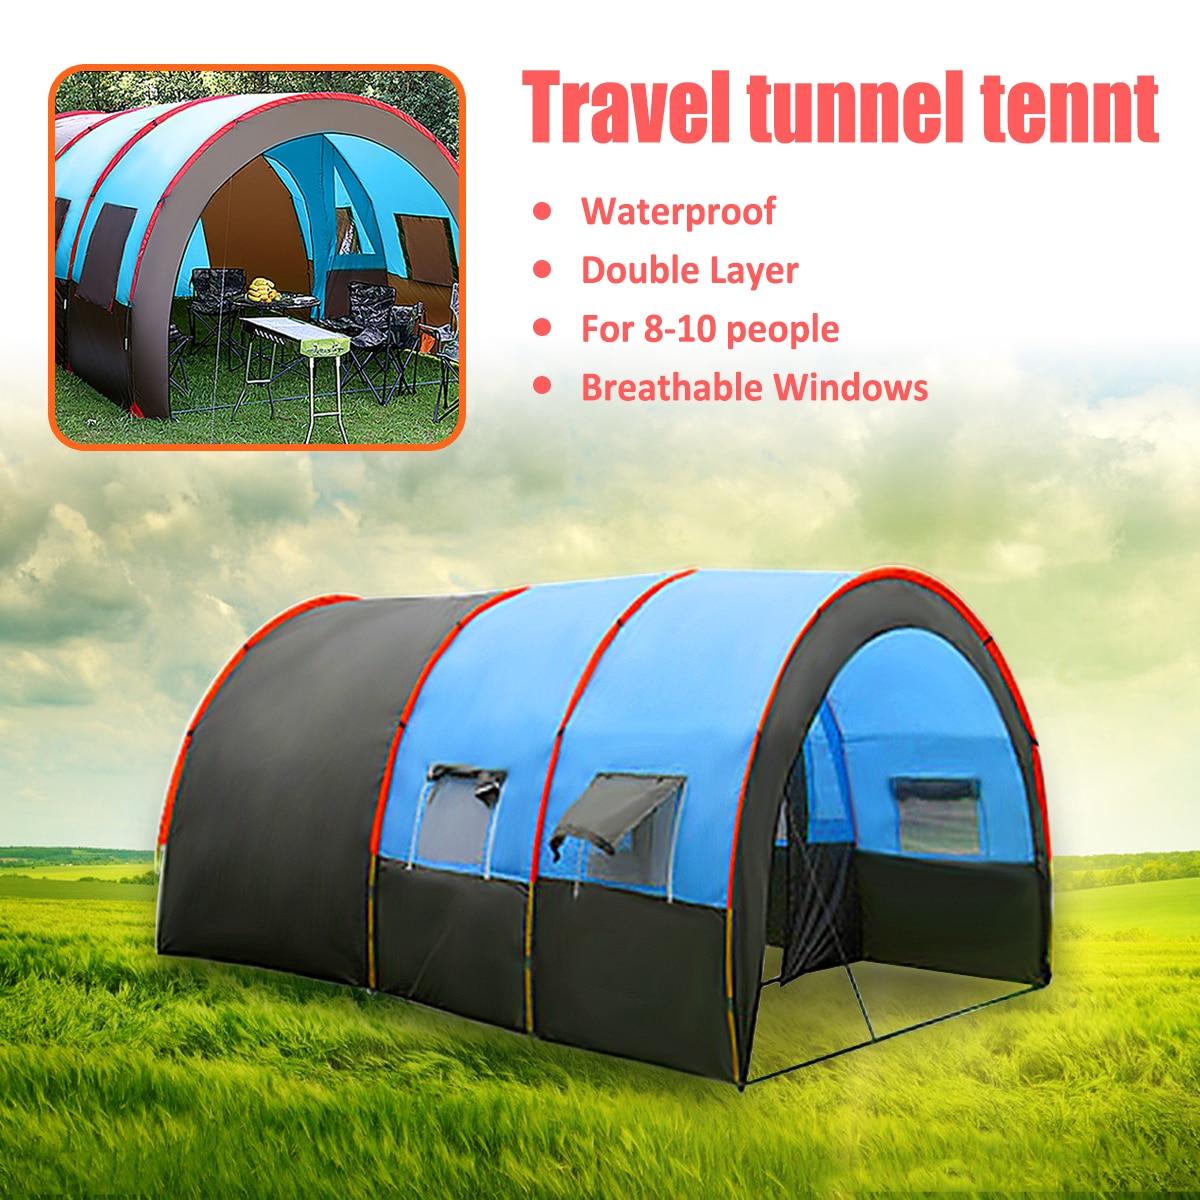 Plus Utile 8-10 Personnes Imperméable De Voyage Portable Tente de Camping Randonnée Double Couche Tissu Oxford Haute Résistance Tentes Extérieures